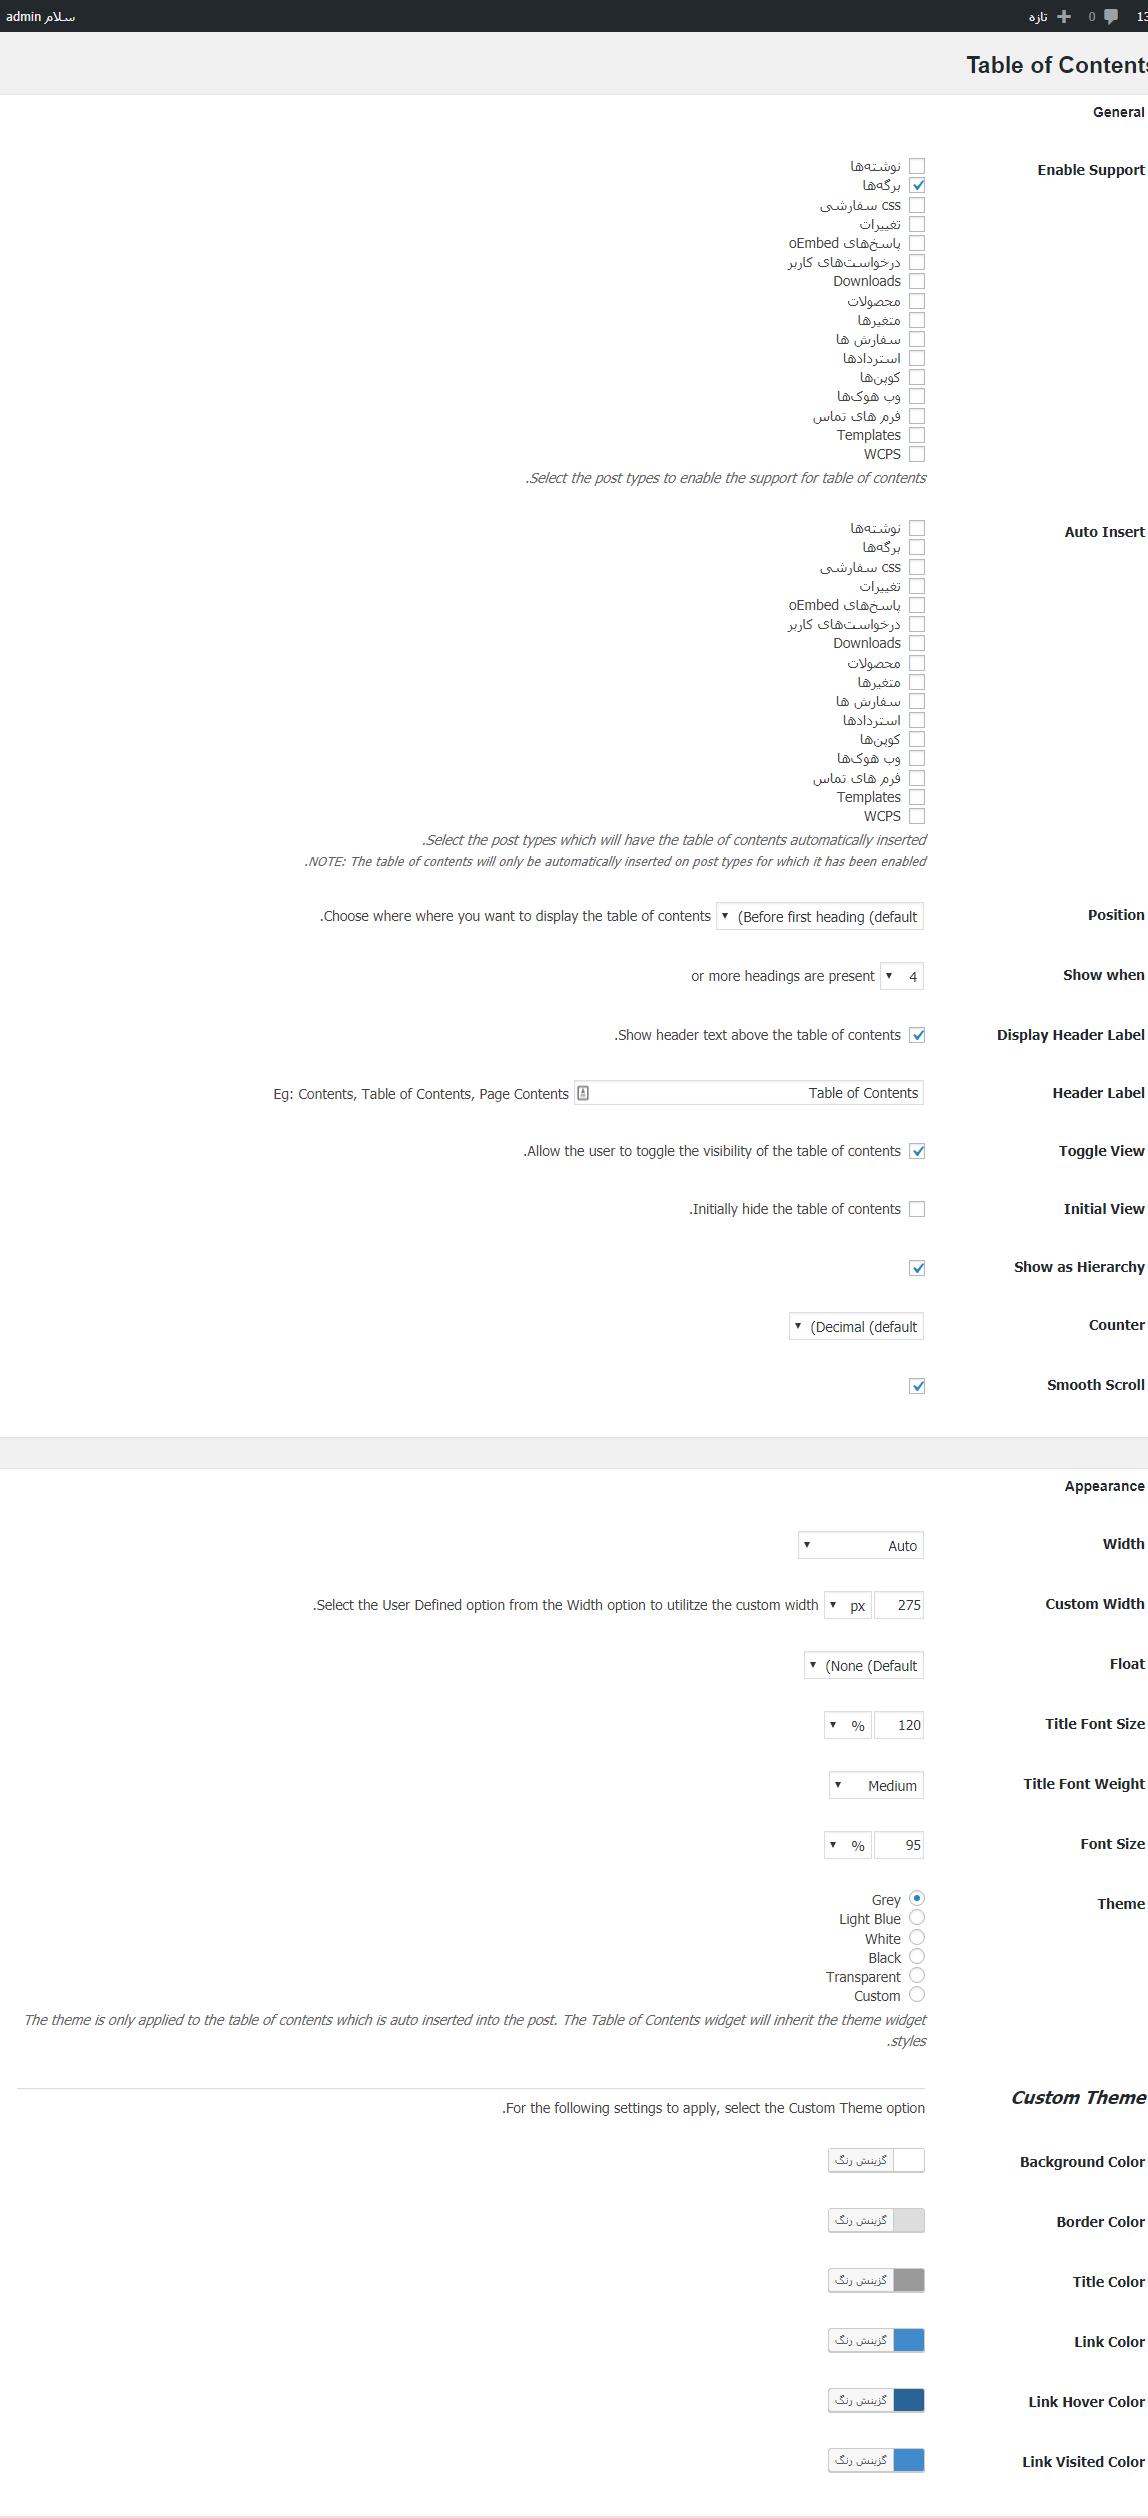 اضافه کردن جدول محتوا به پست ها و صفحات وردپرس